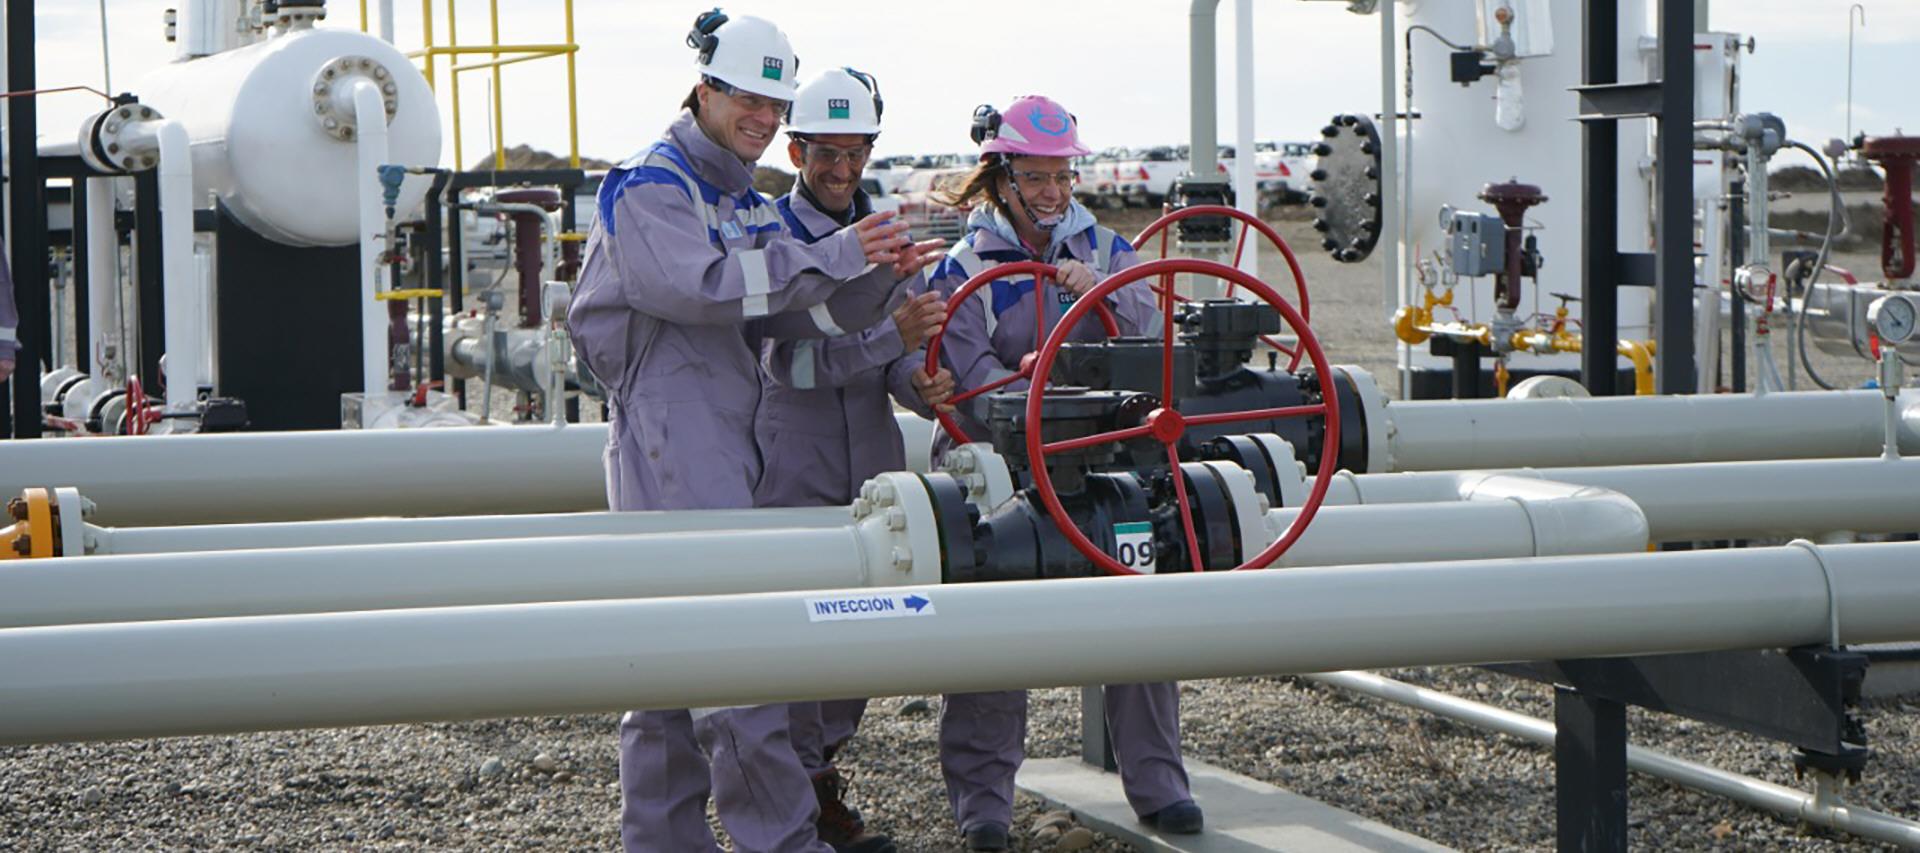 CGC ya habilitó su planta de almacenaje subterráneo de gas en Santa Cruz. El Plan Gas 4 favorece este tipo de proyectos.